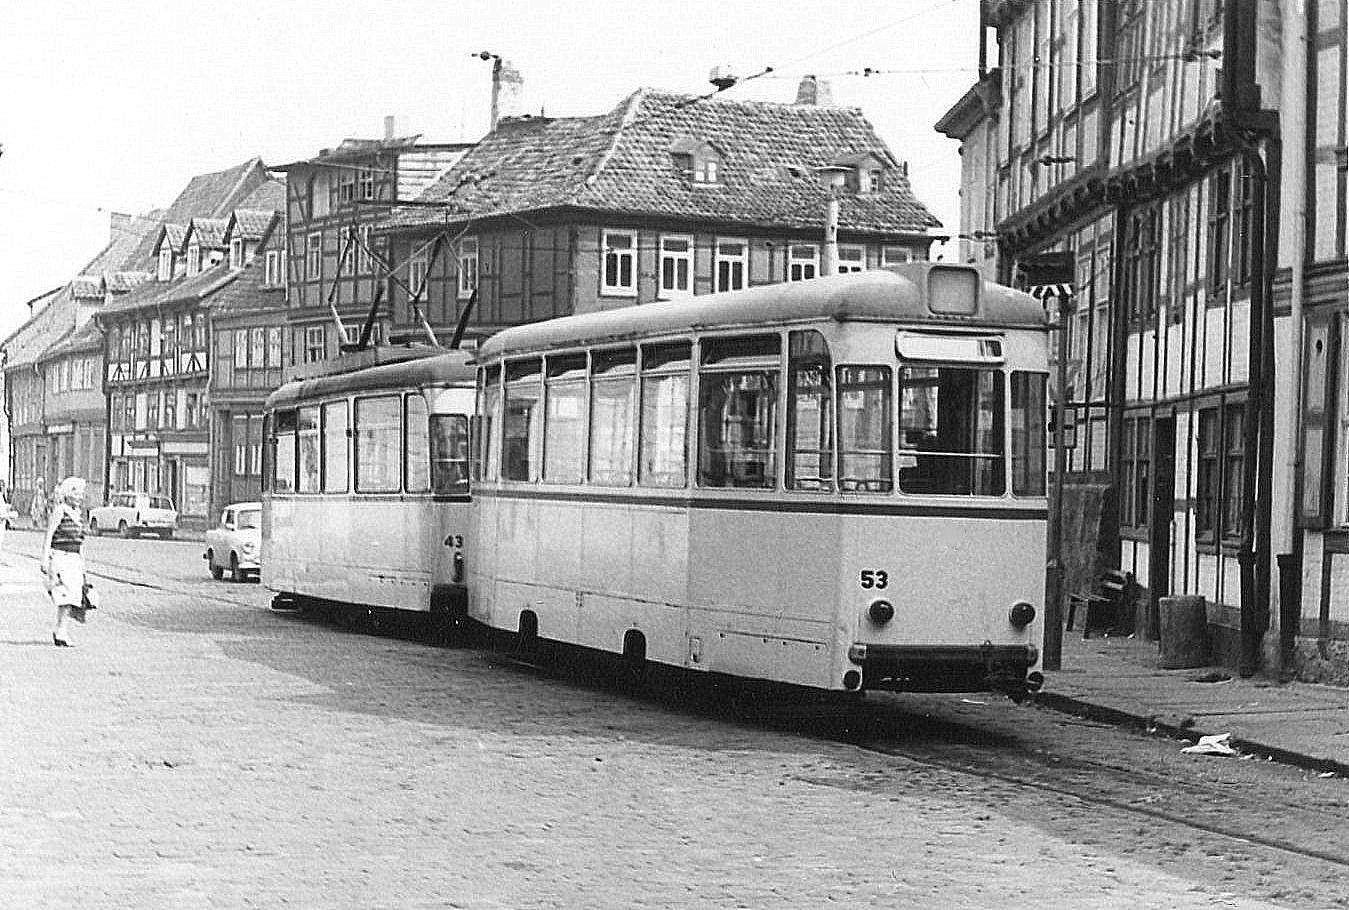 Halberstadt Voigtei 53+43 1984